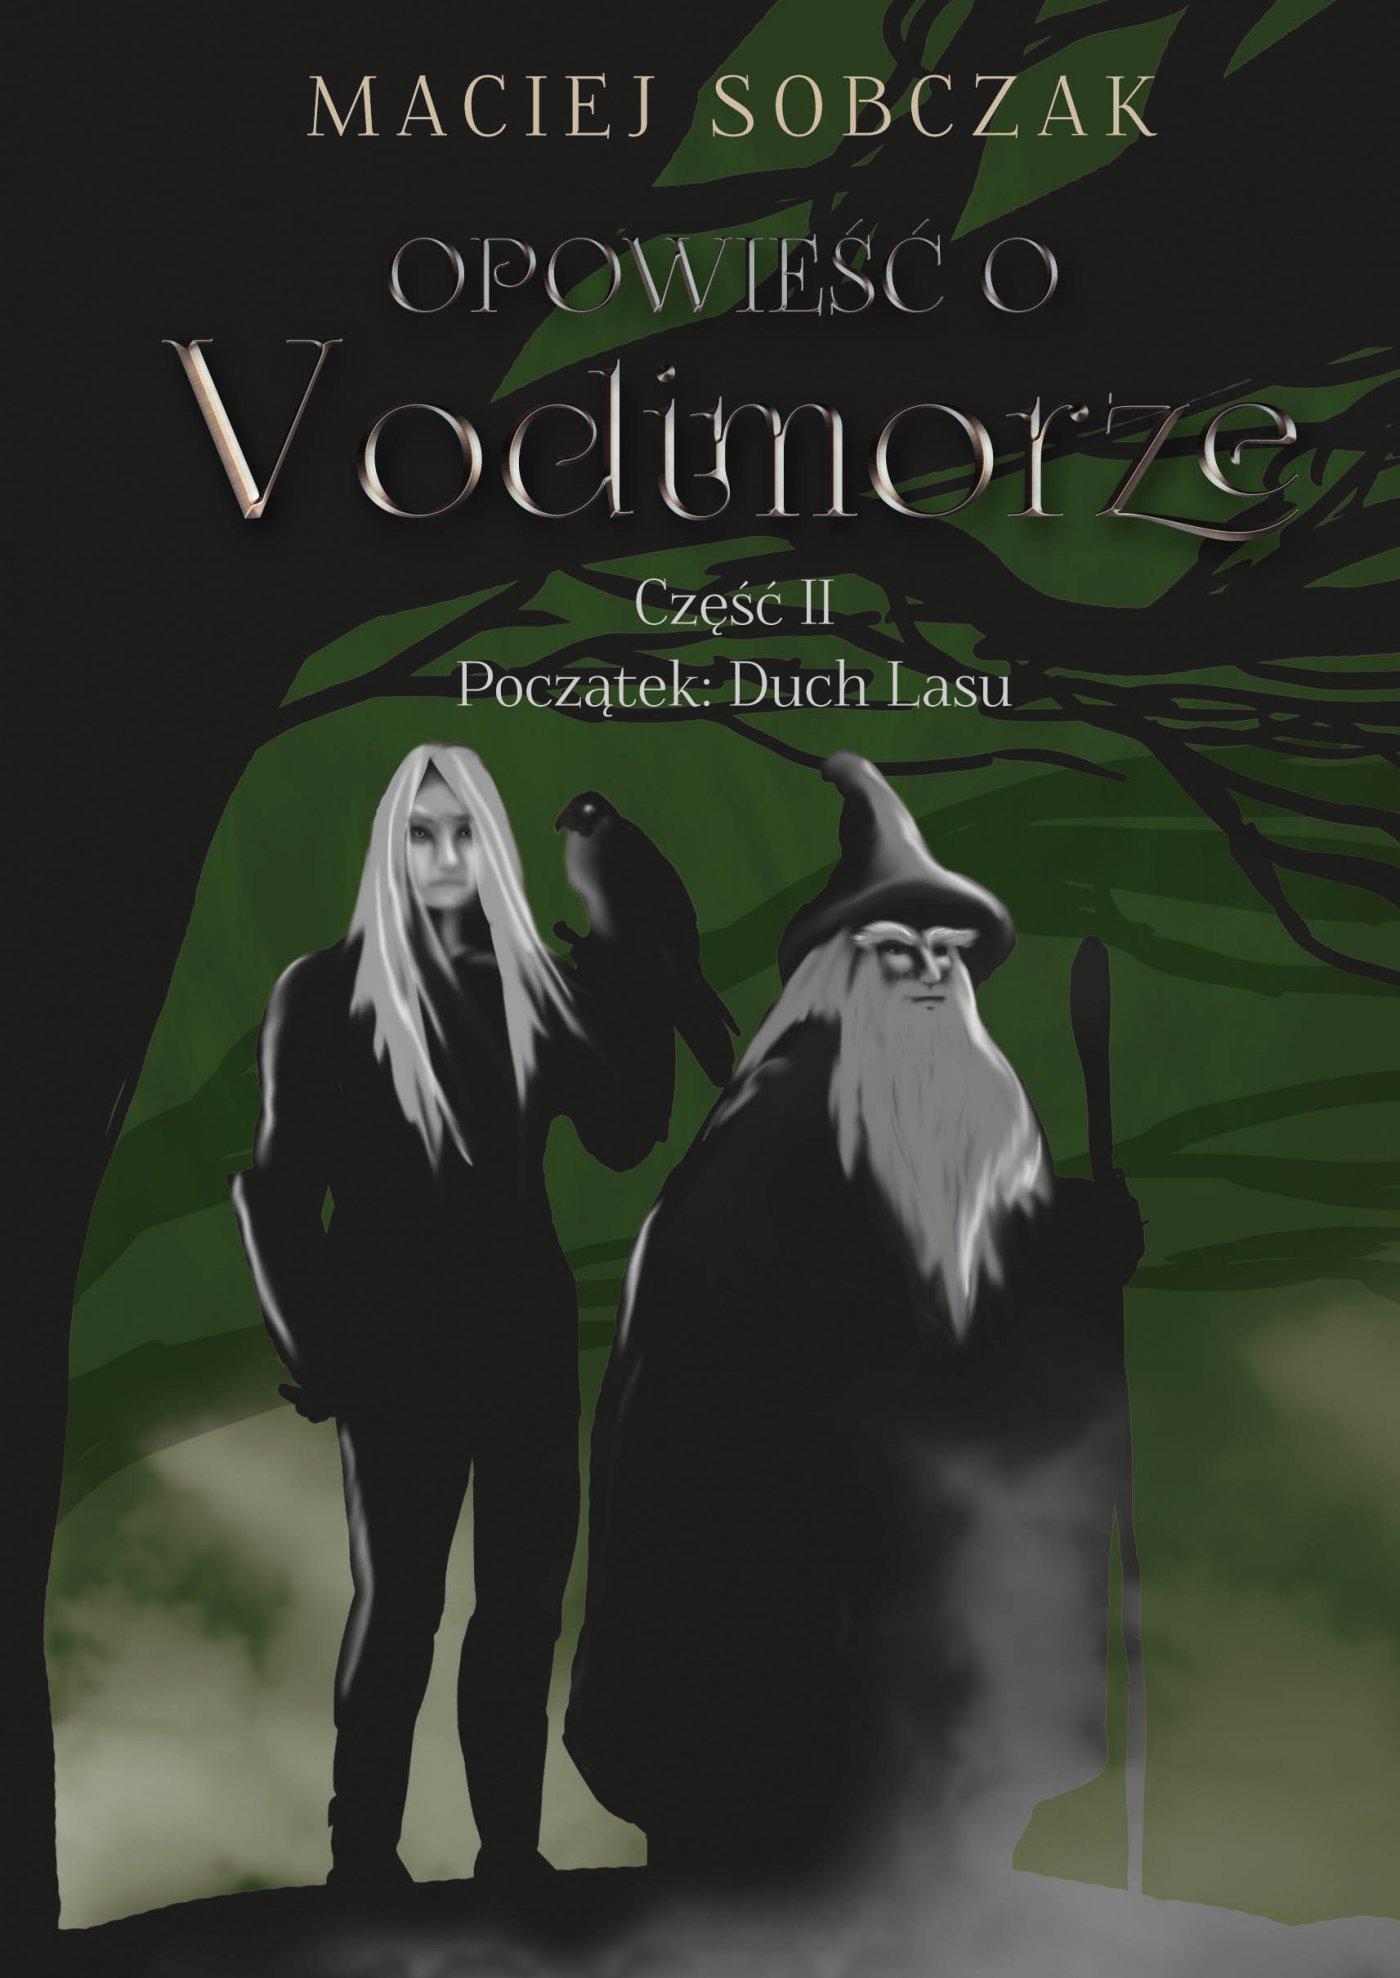 Opowieść o Vodimorze. Część II. Początek: Duch Lasu - Ebook (Książka EPUB) do pobrania w formacie EPUB